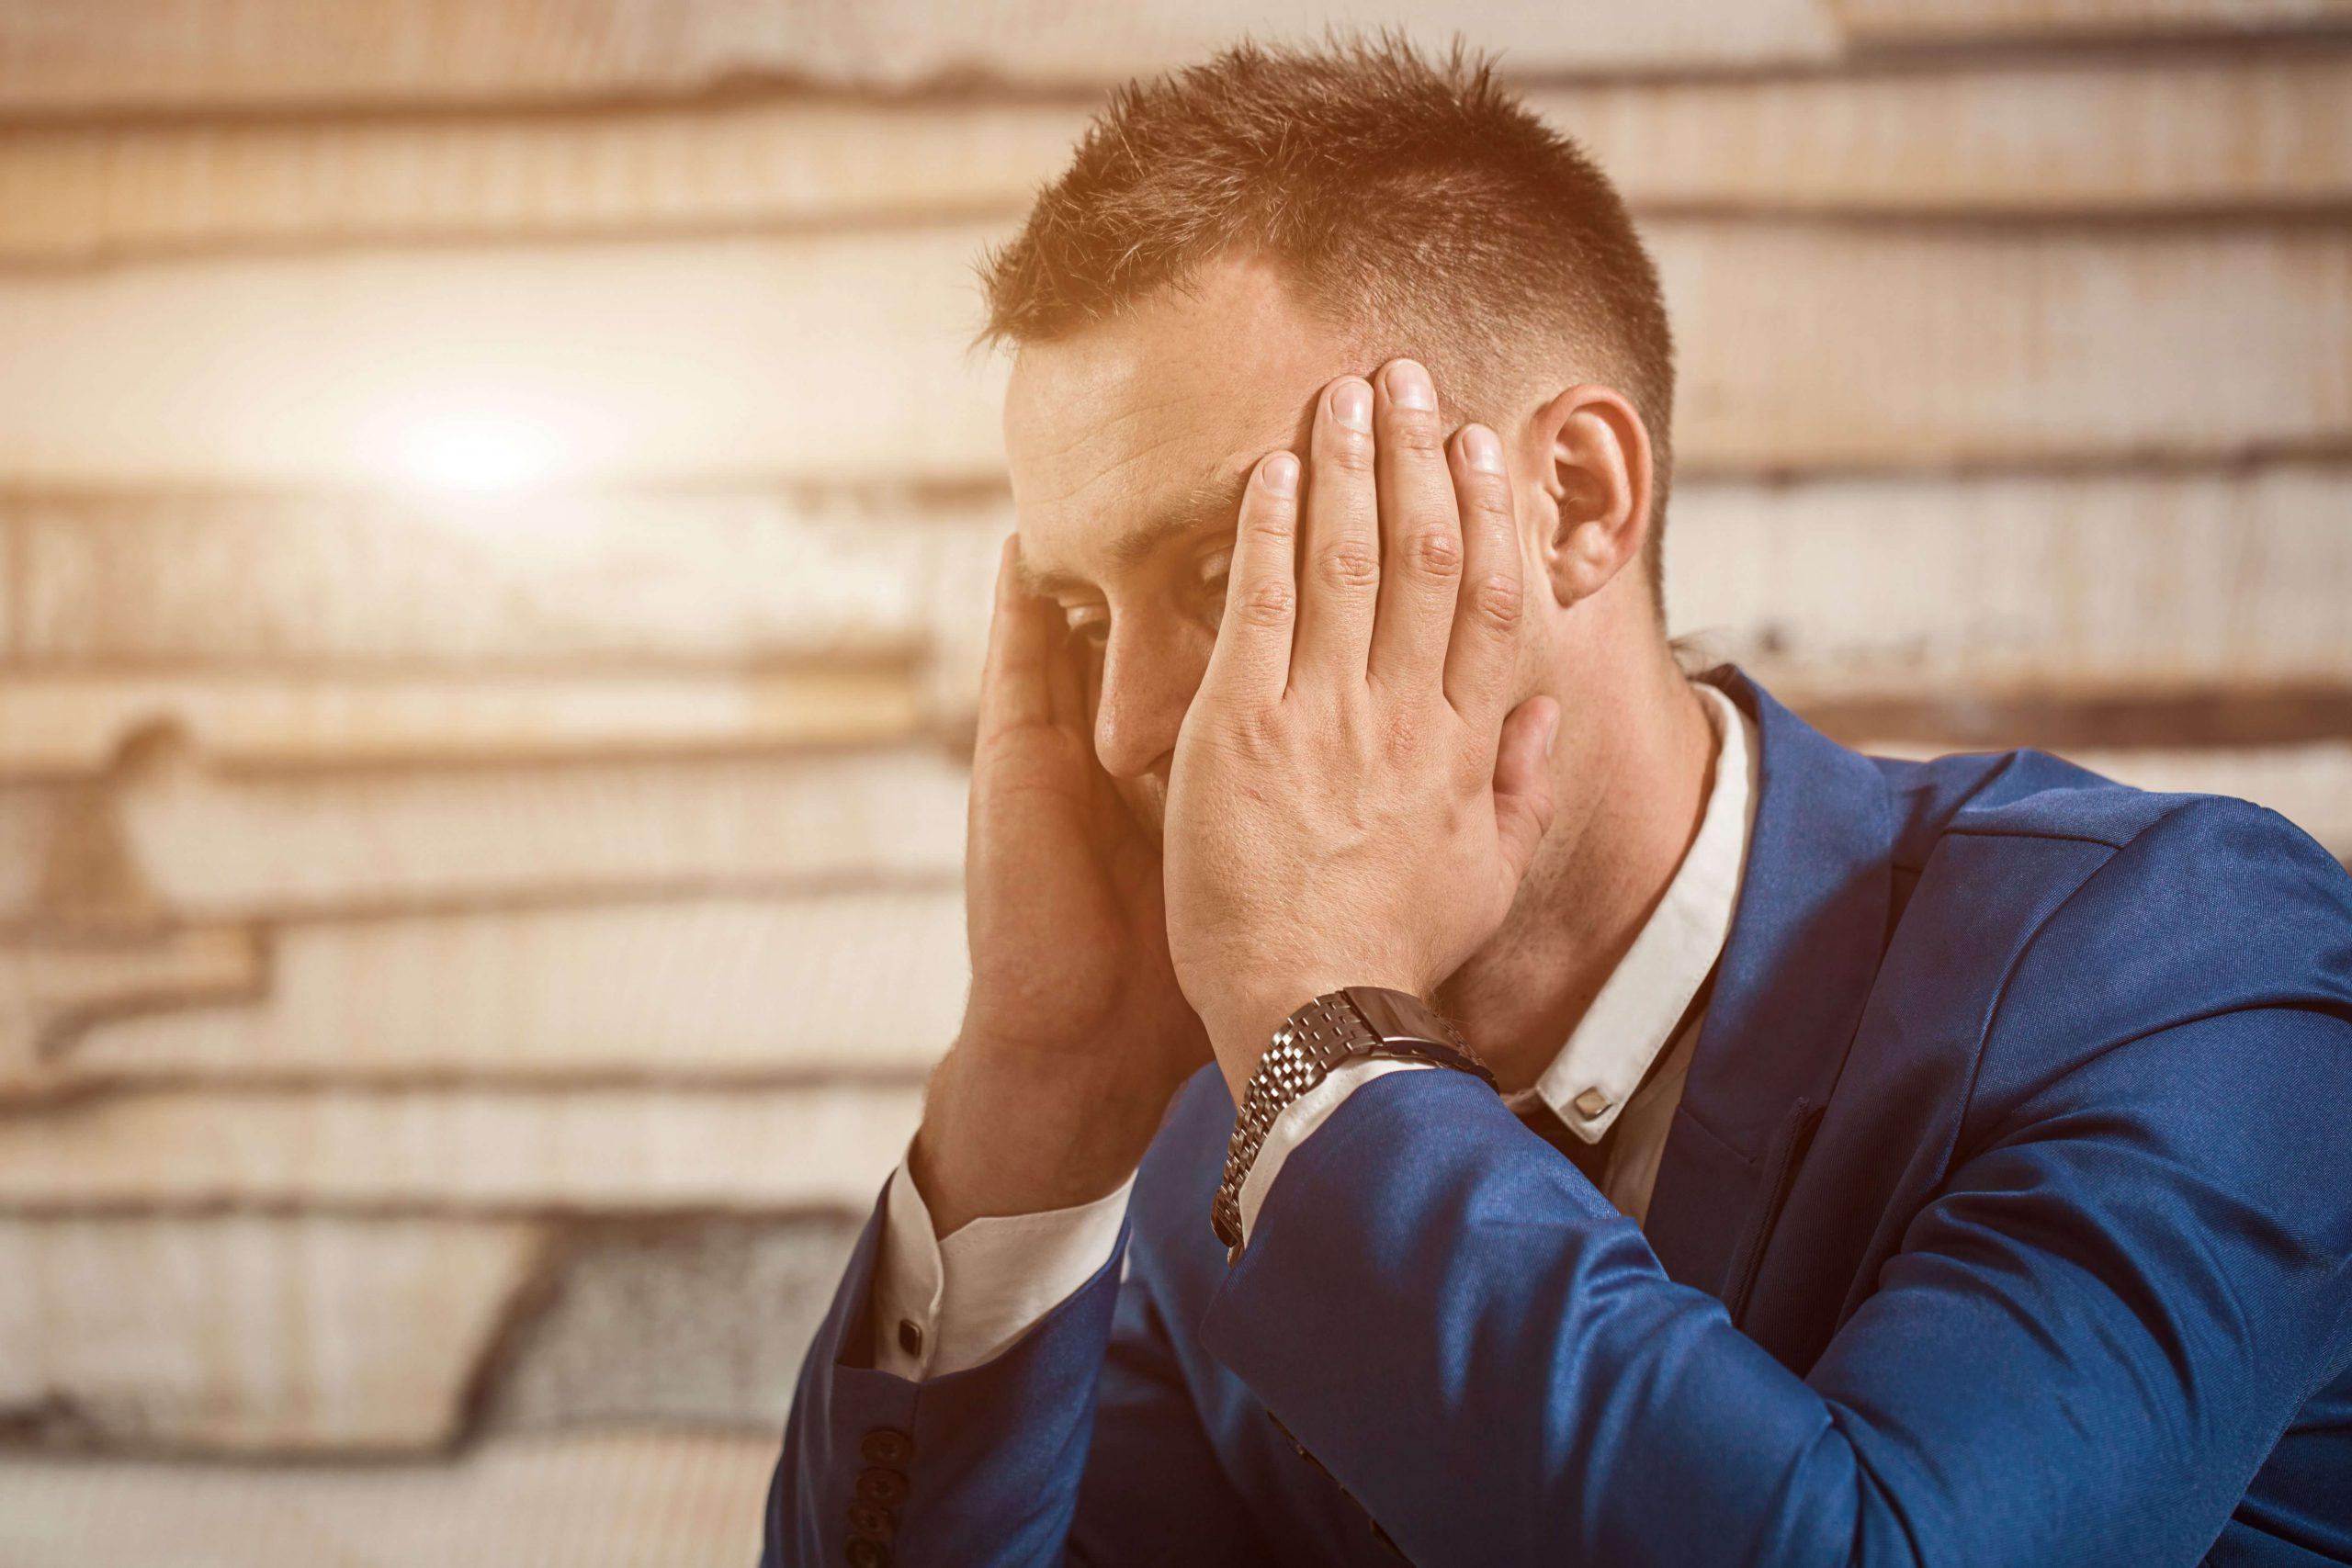 עובדים רבים התובעים פיצוי בגין עוגמת נפש